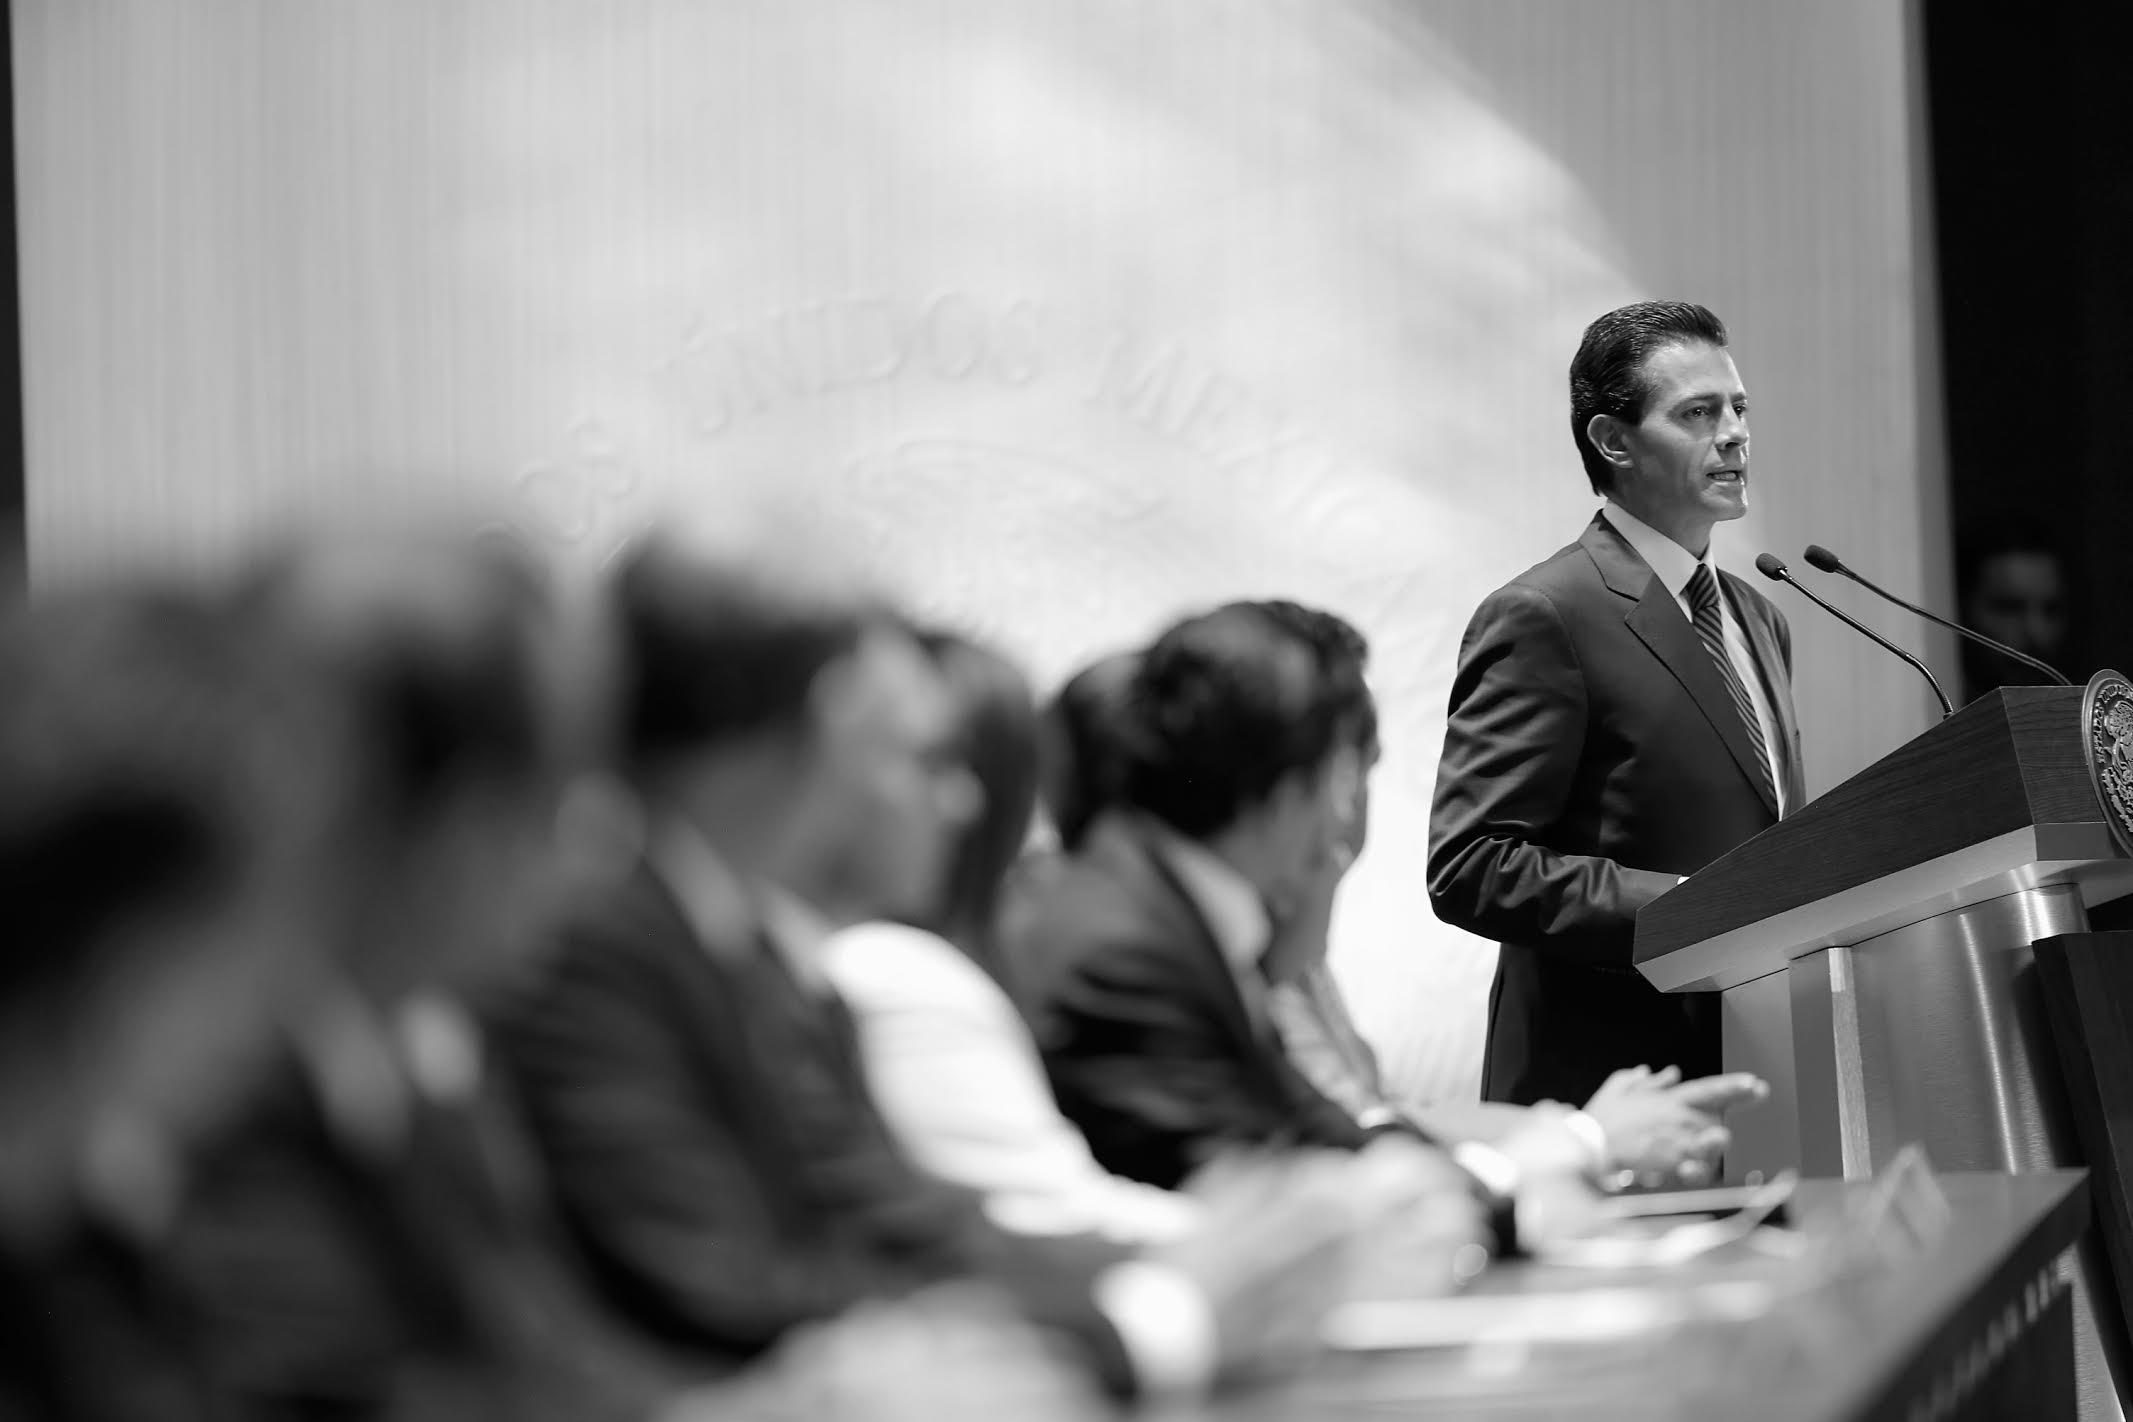 """""""Para lograr esta transformación ha sido necesario construir acuerdos, escuchar a las distintas voces y concretar propuestas de manera responsable y equilibrada"""": EPN"""